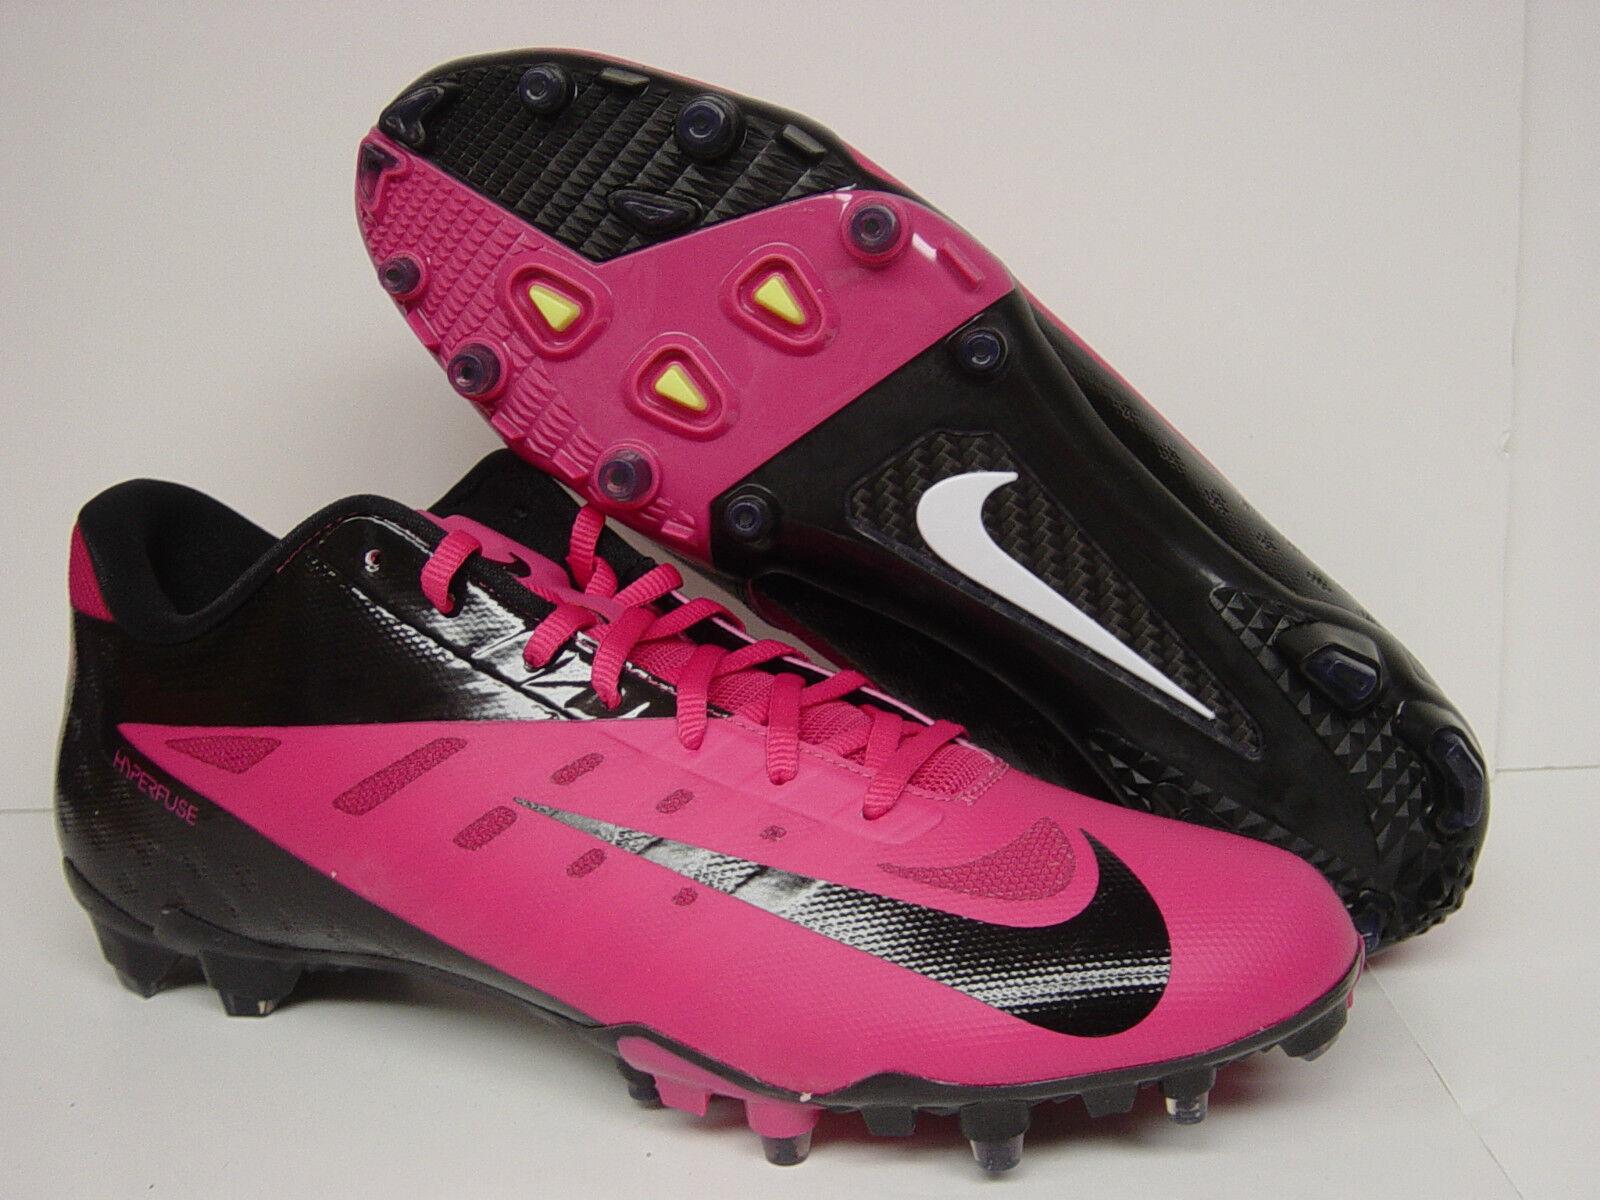 Nuova elite Uomo nike vapore talon elite Nuova basso 500068 600 rosa calcio calcio scarpe no coperchio 47e952